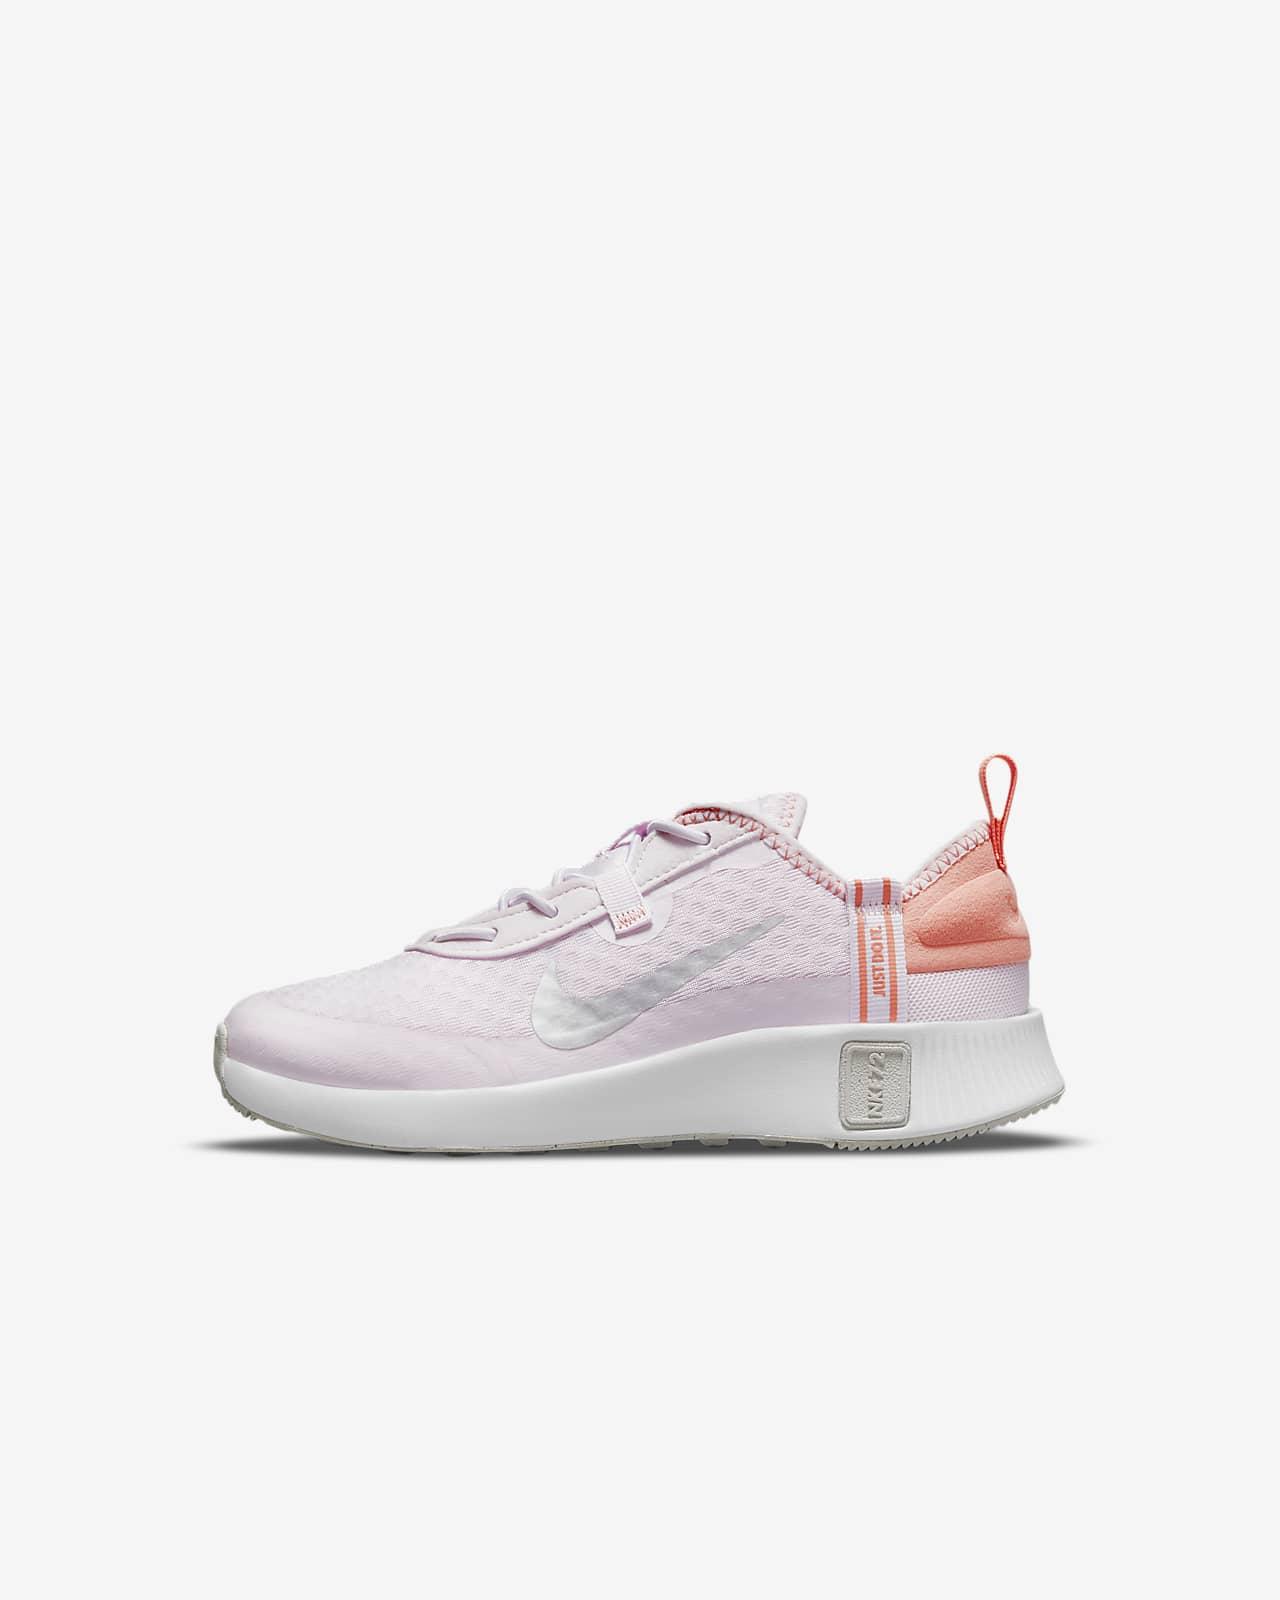 Calzado para niños talla pequeña Nike Reposto